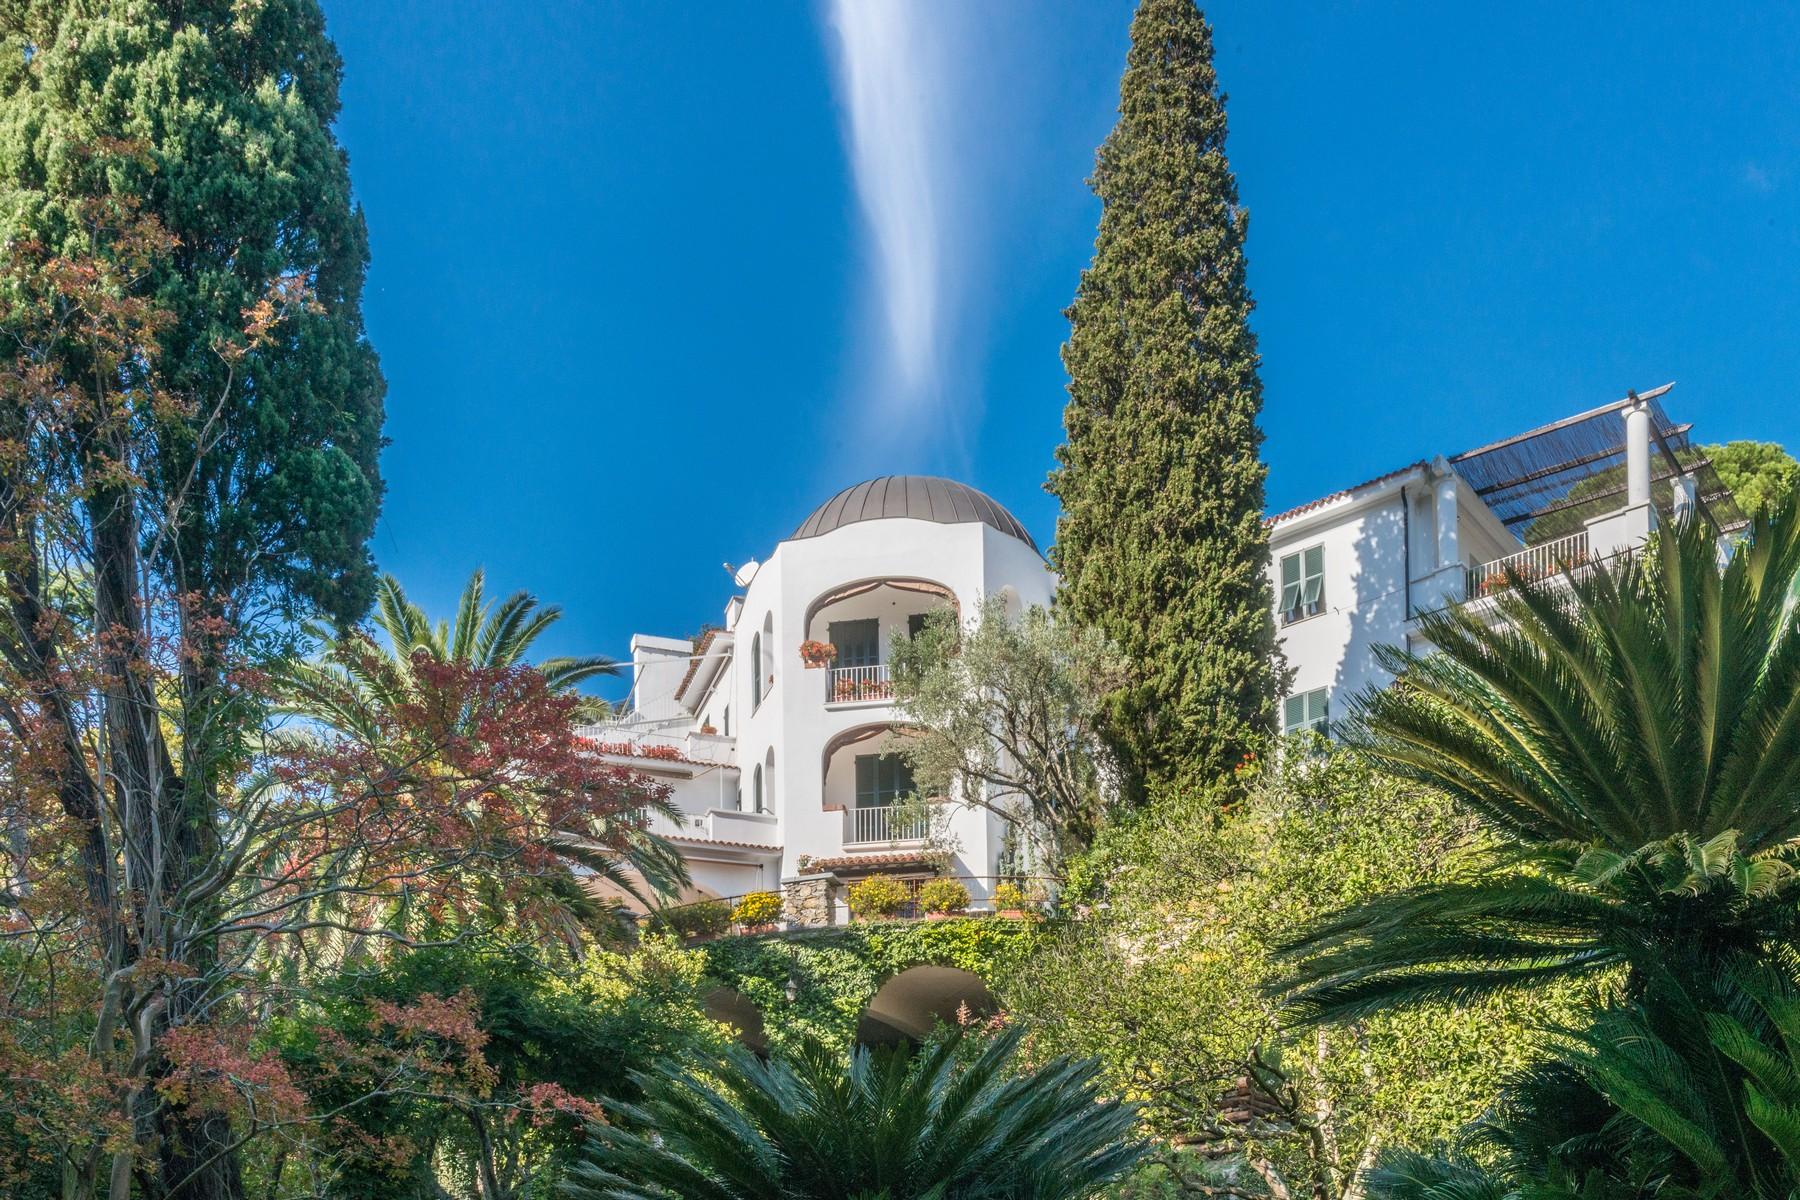 Appartamento in Vendita a Santa Margherita Ligure: 5 locali, 230 mq - Foto 21